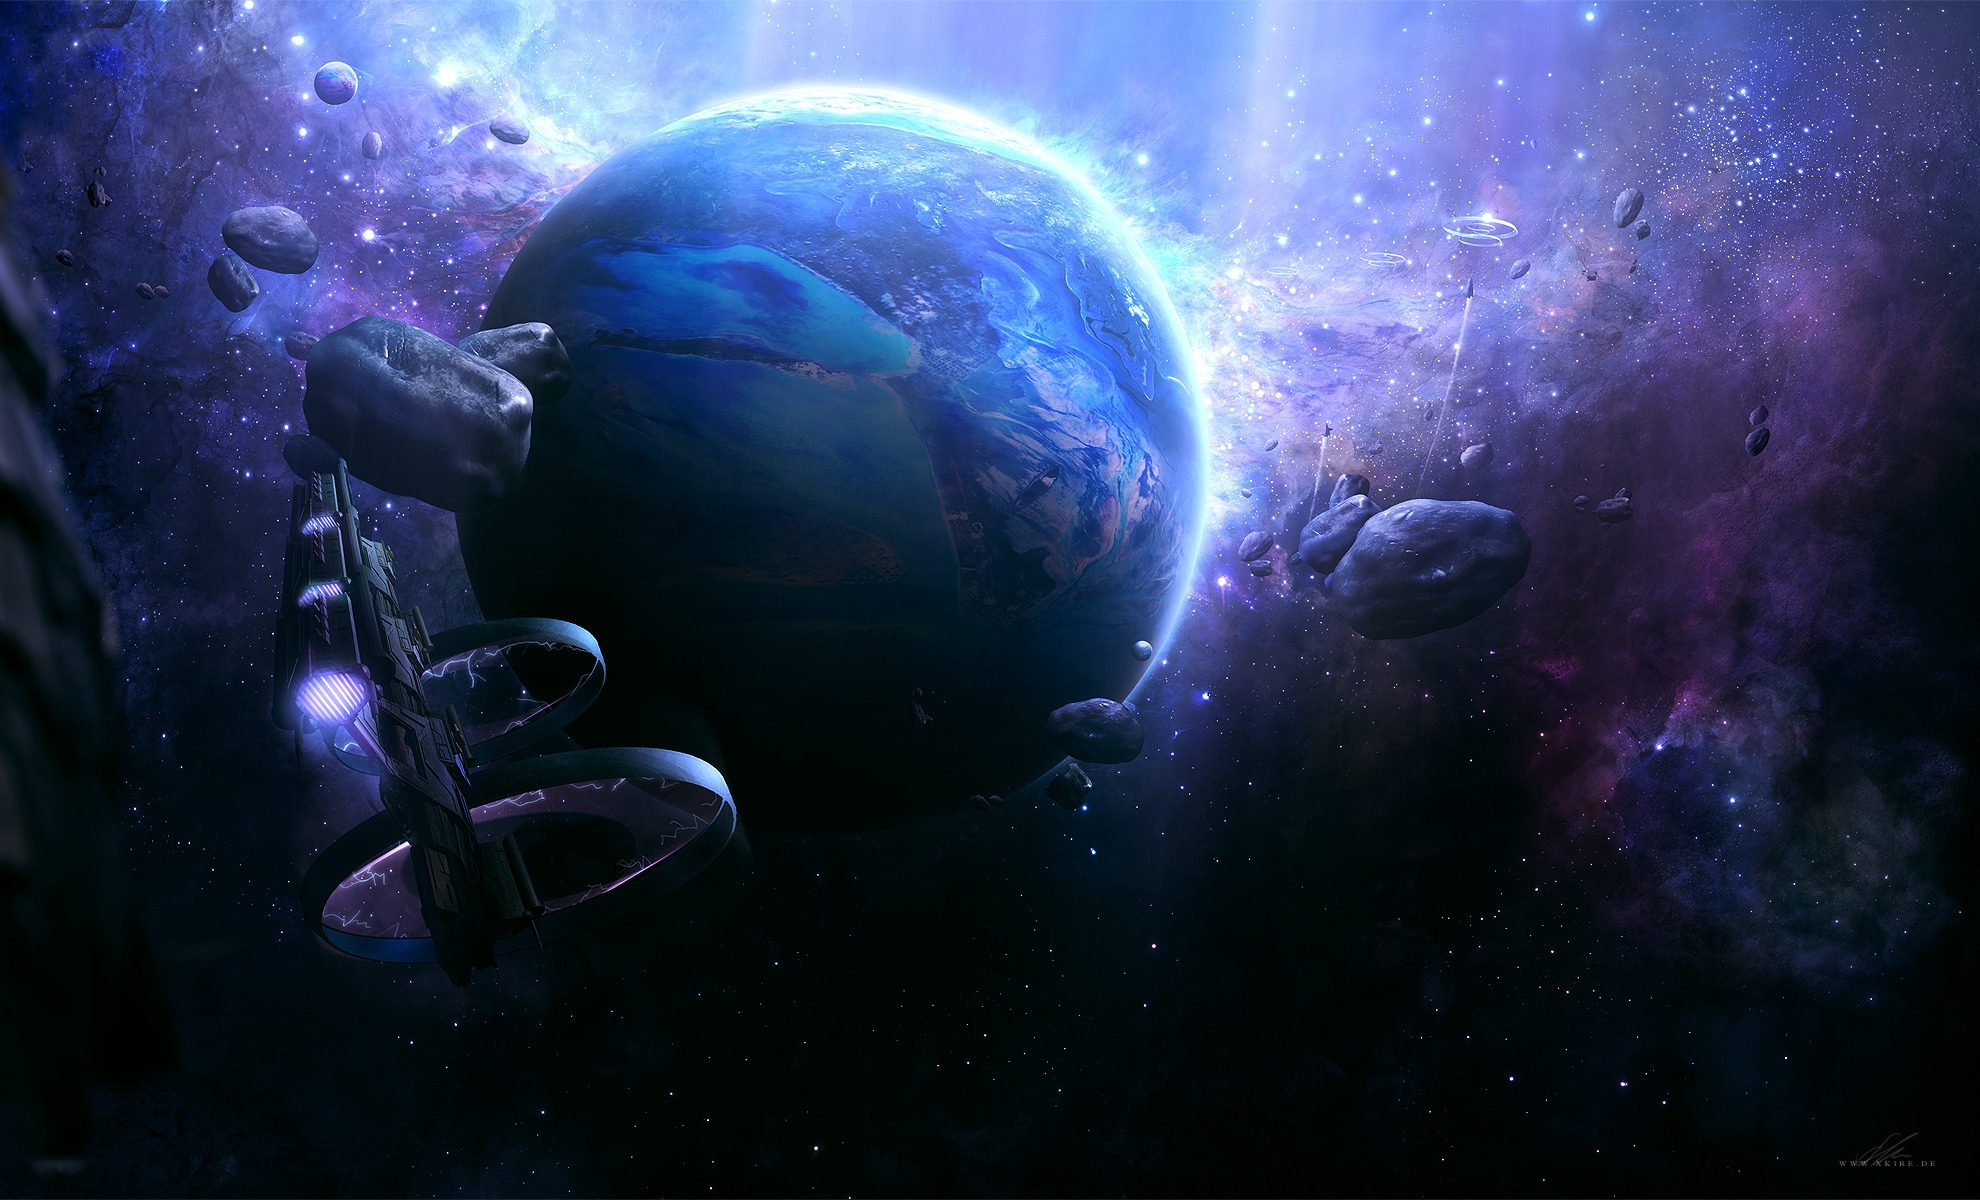 Обои планета космос орбита картинки на рабочий стол на тему Космос - скачать  № 1757025 бесплатно